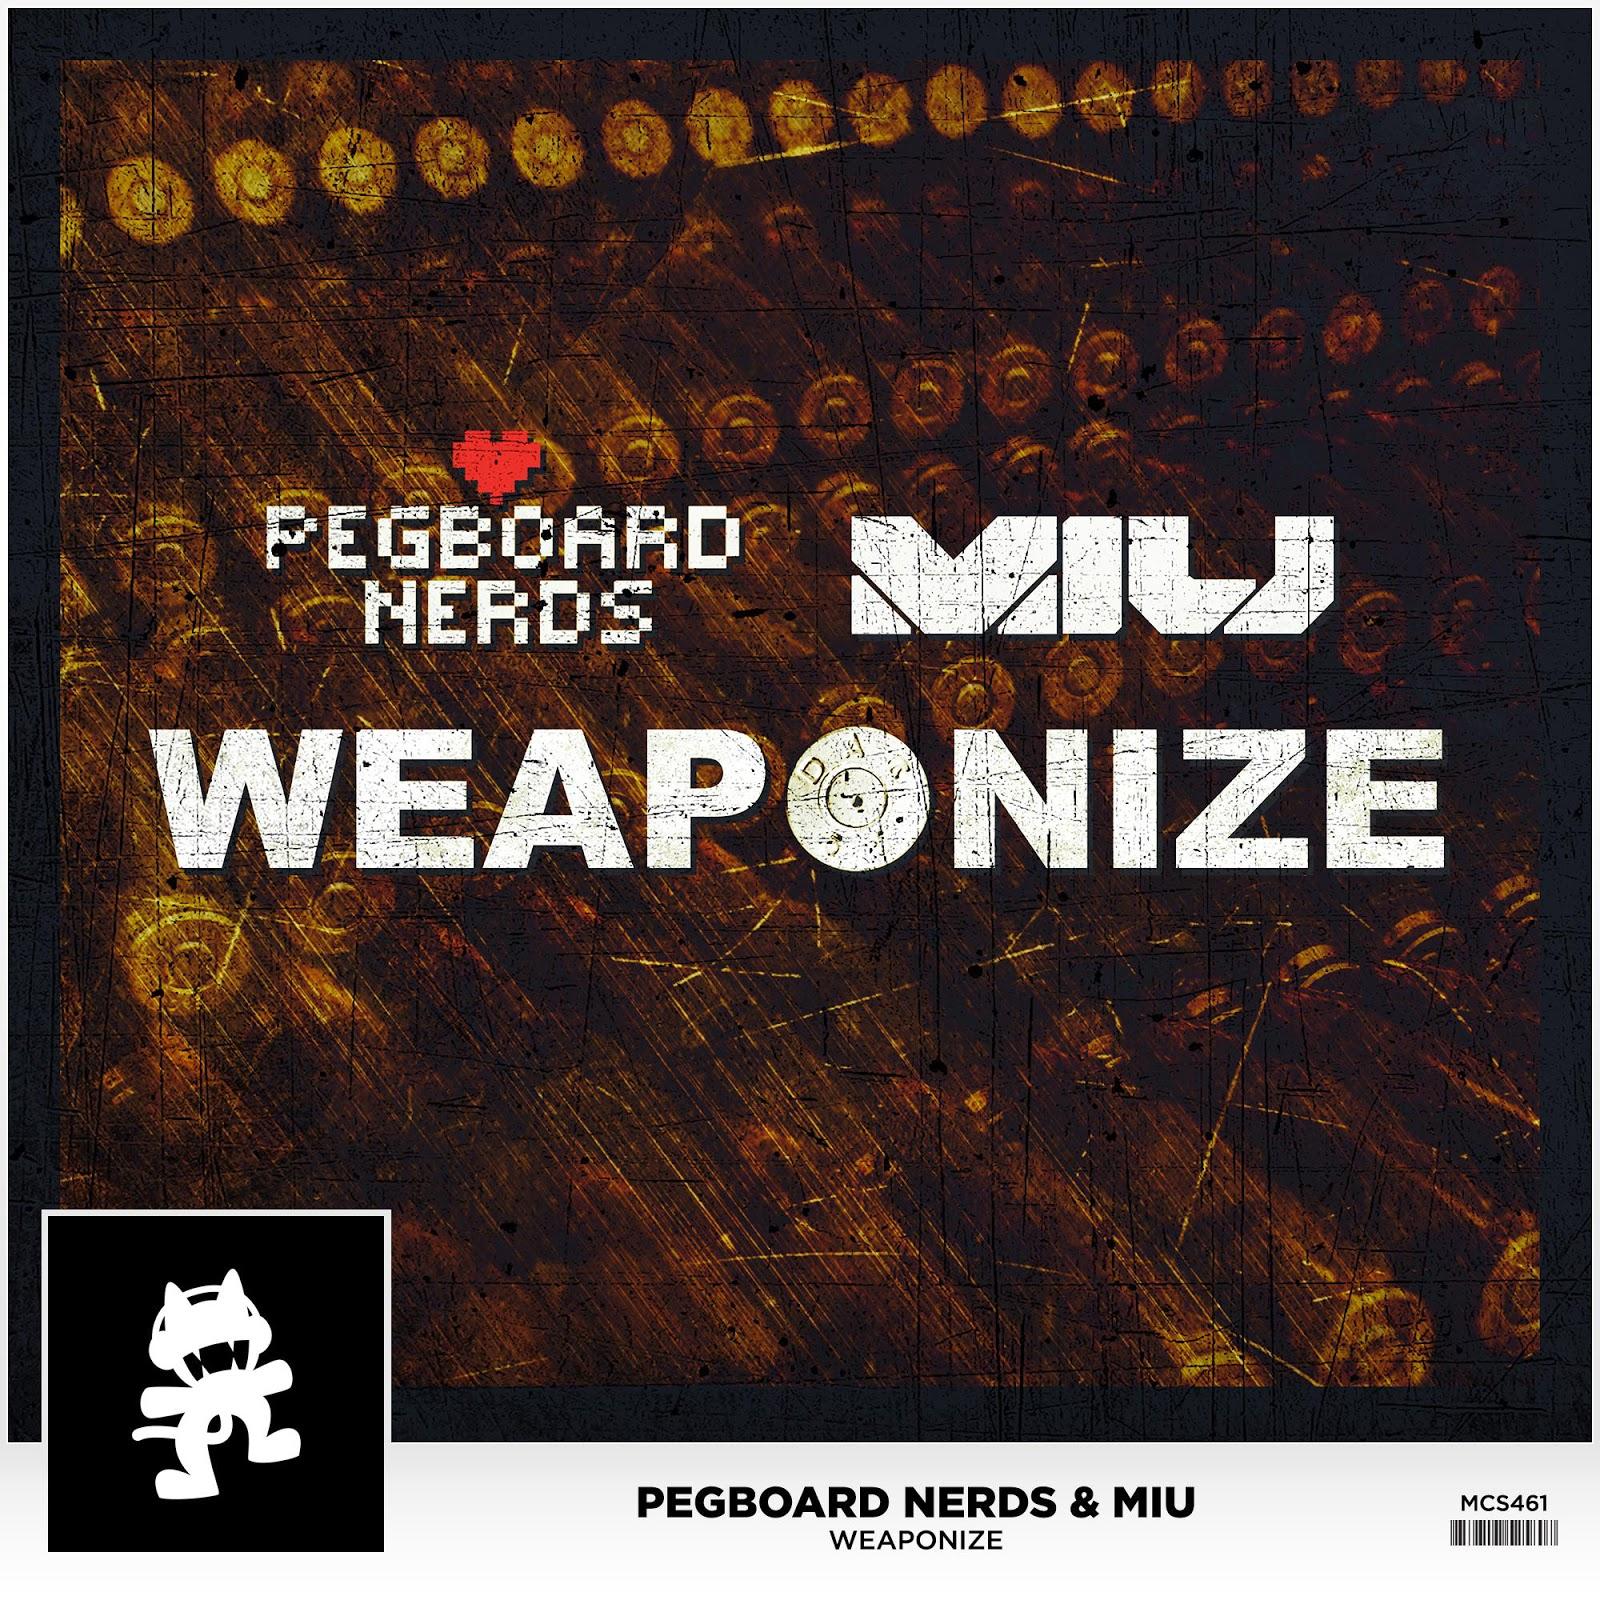 Pegboard Nerds & miu - Weaponize - Single Cover